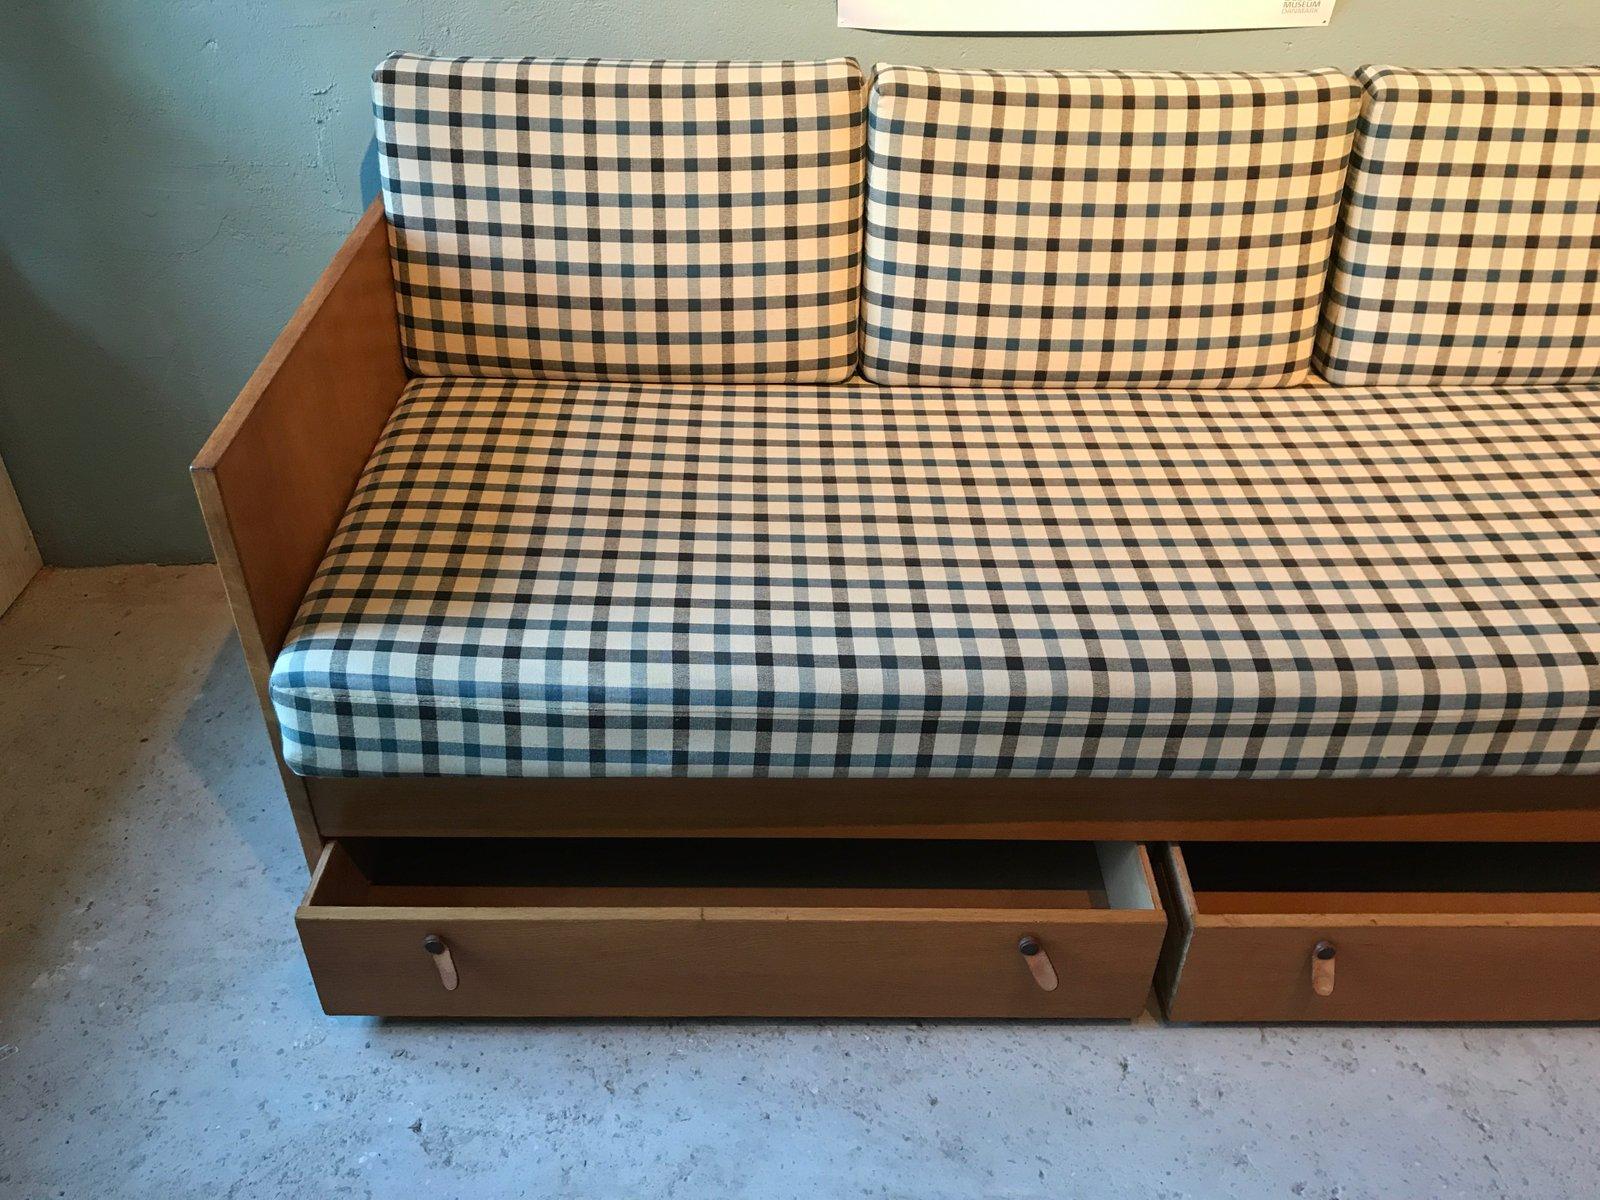 d nisches vintage schlafsofa von b rge mogensen f r s borg m belfabrik bei pamono kaufen. Black Bedroom Furniture Sets. Home Design Ideas